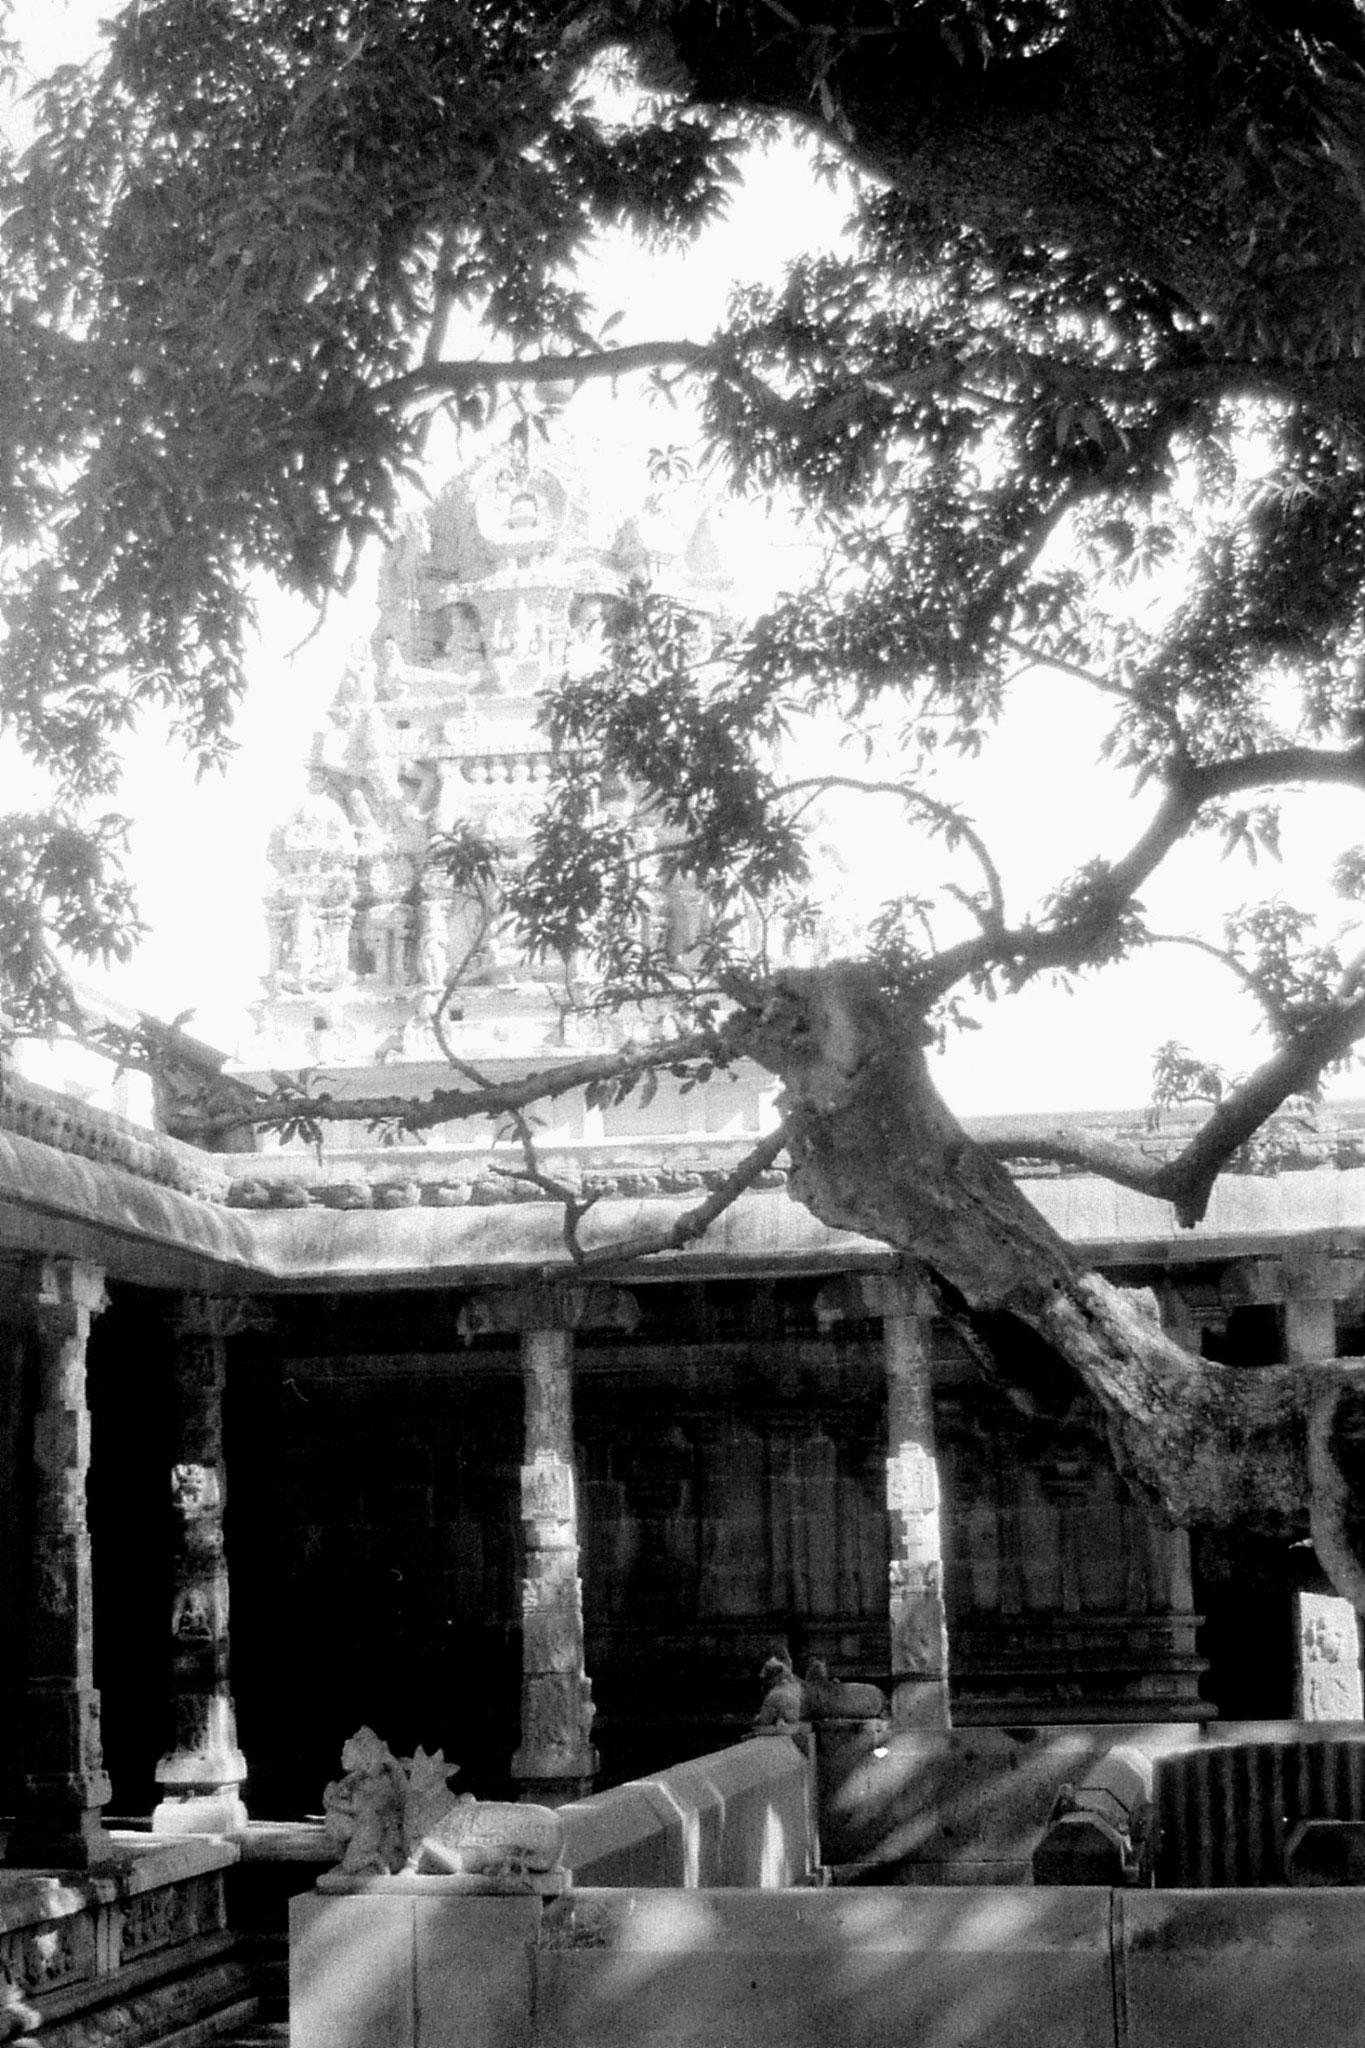 19/1/90: 15: Kanchipuram - Ekambareswarar temple - part of 3,500 year old mango tree